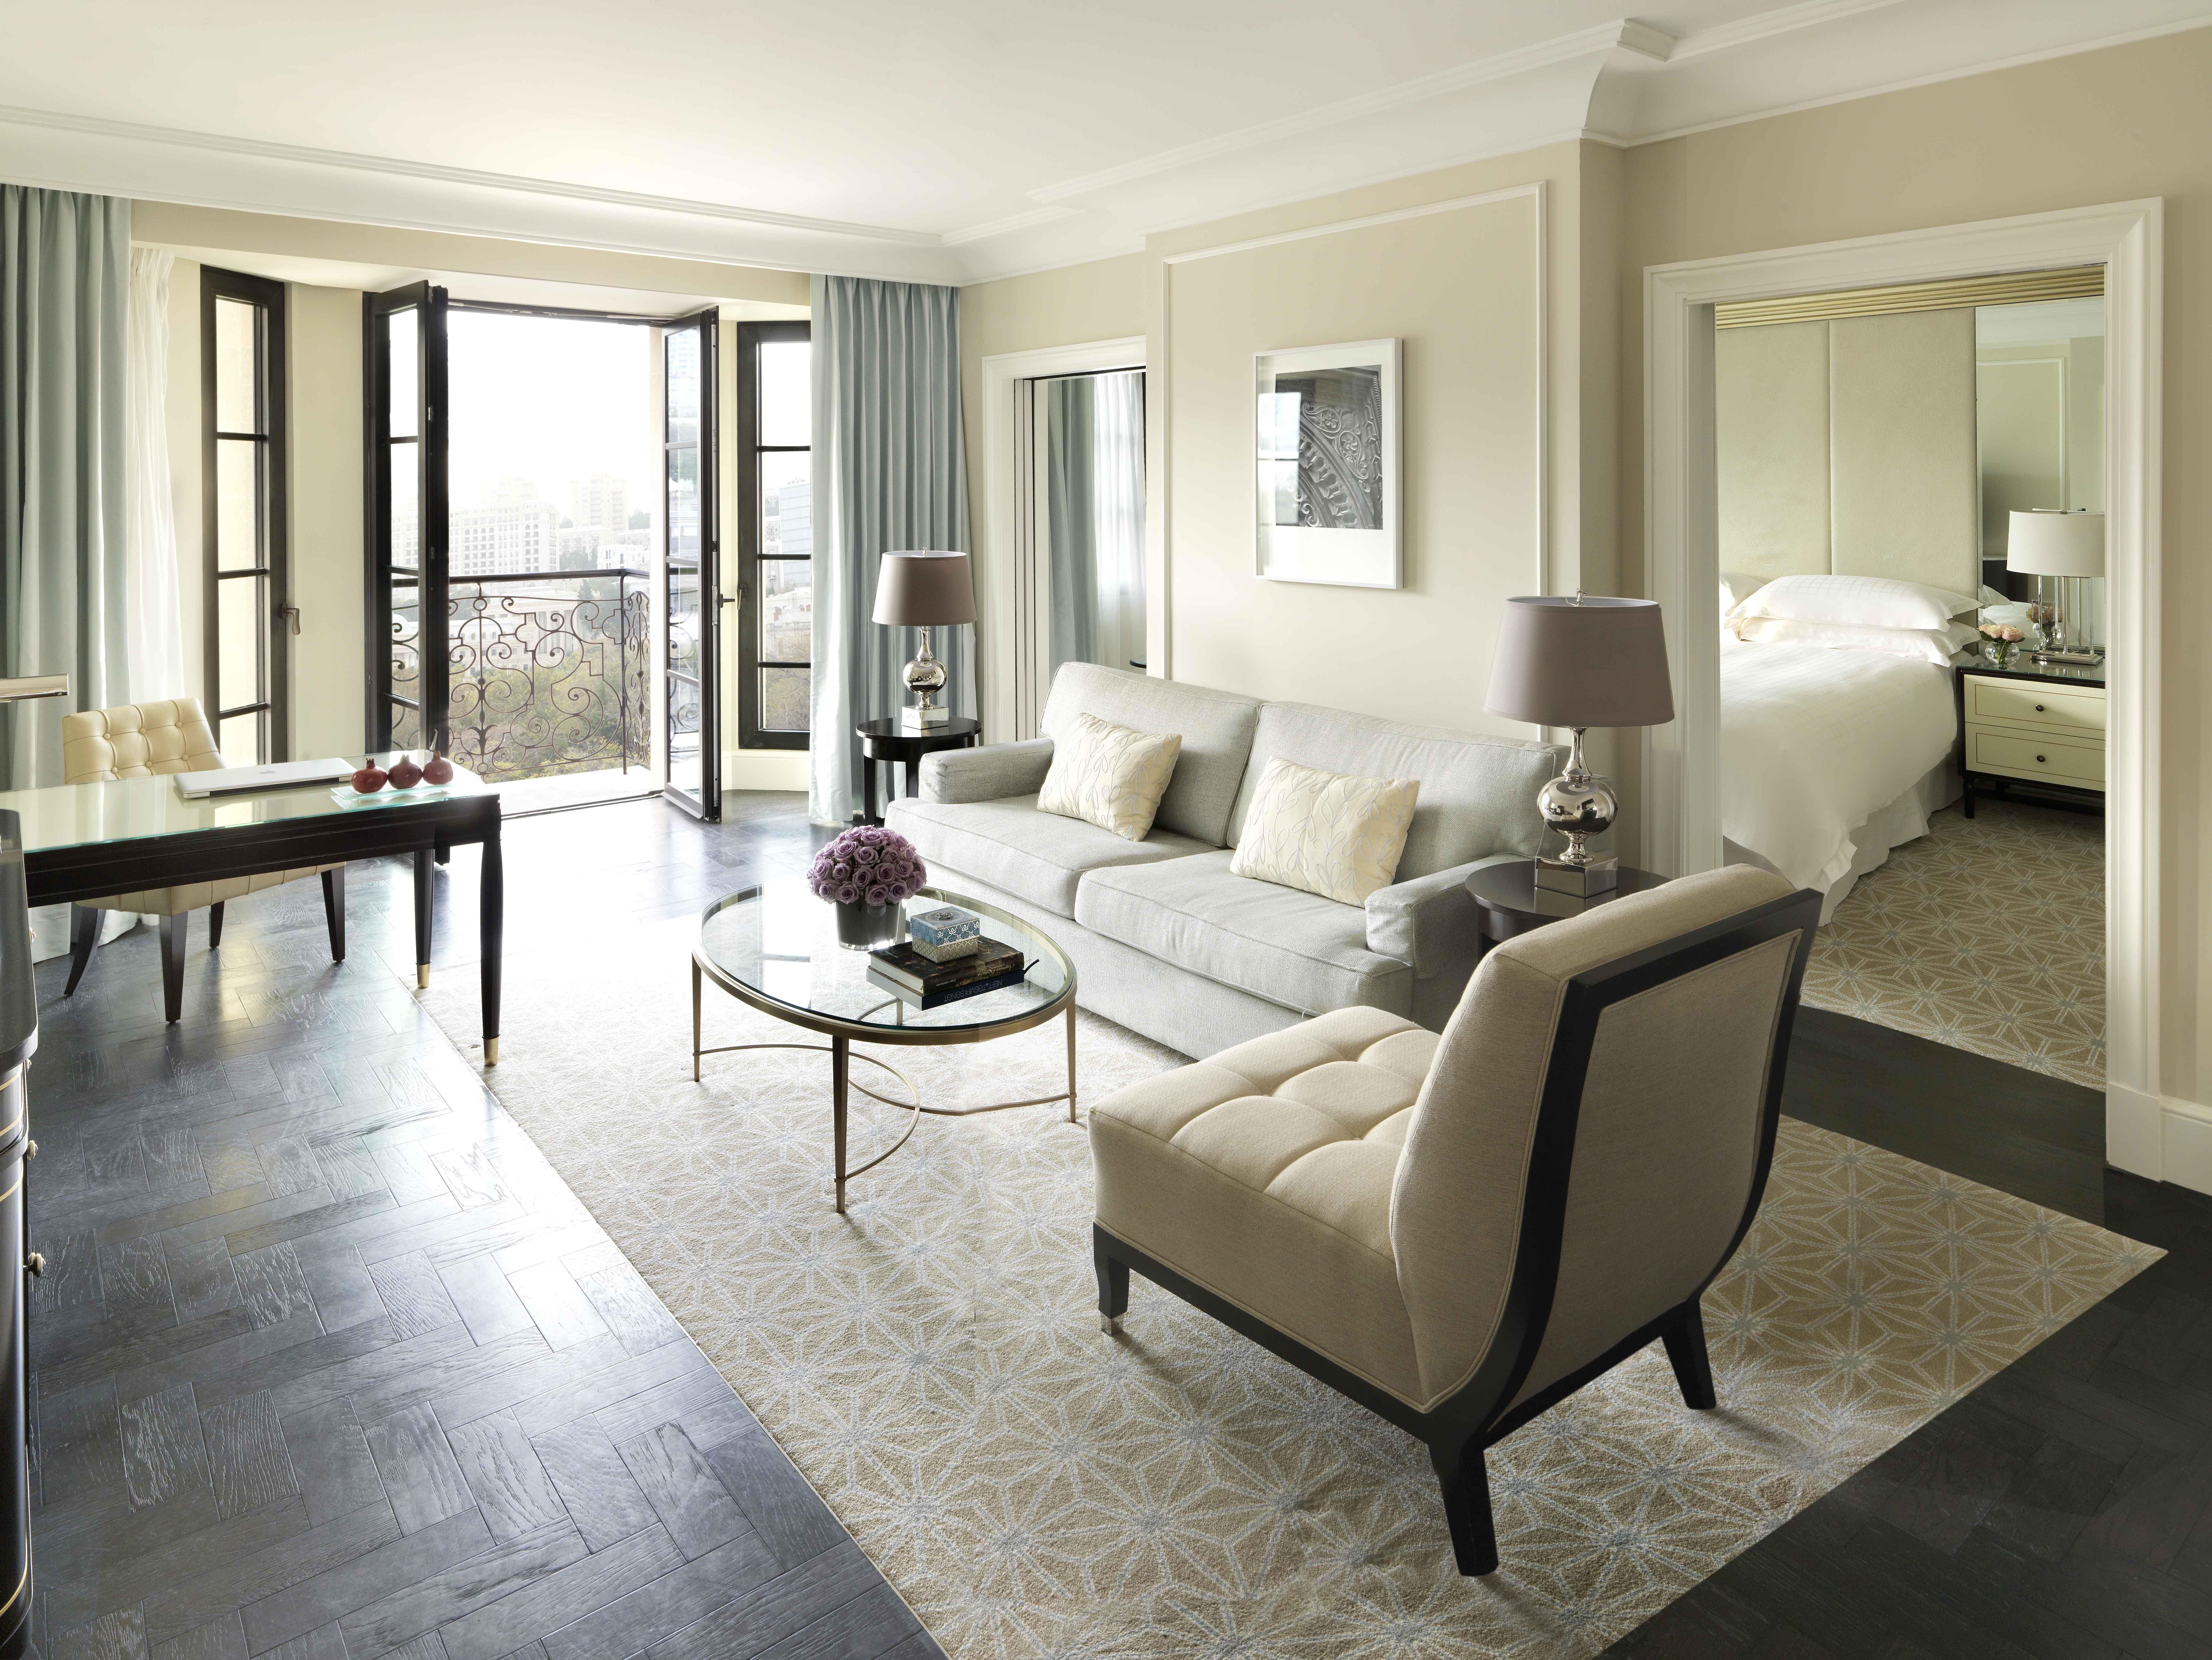 Executive Suite Suite Room Hotel Executive Suites Apartment Design